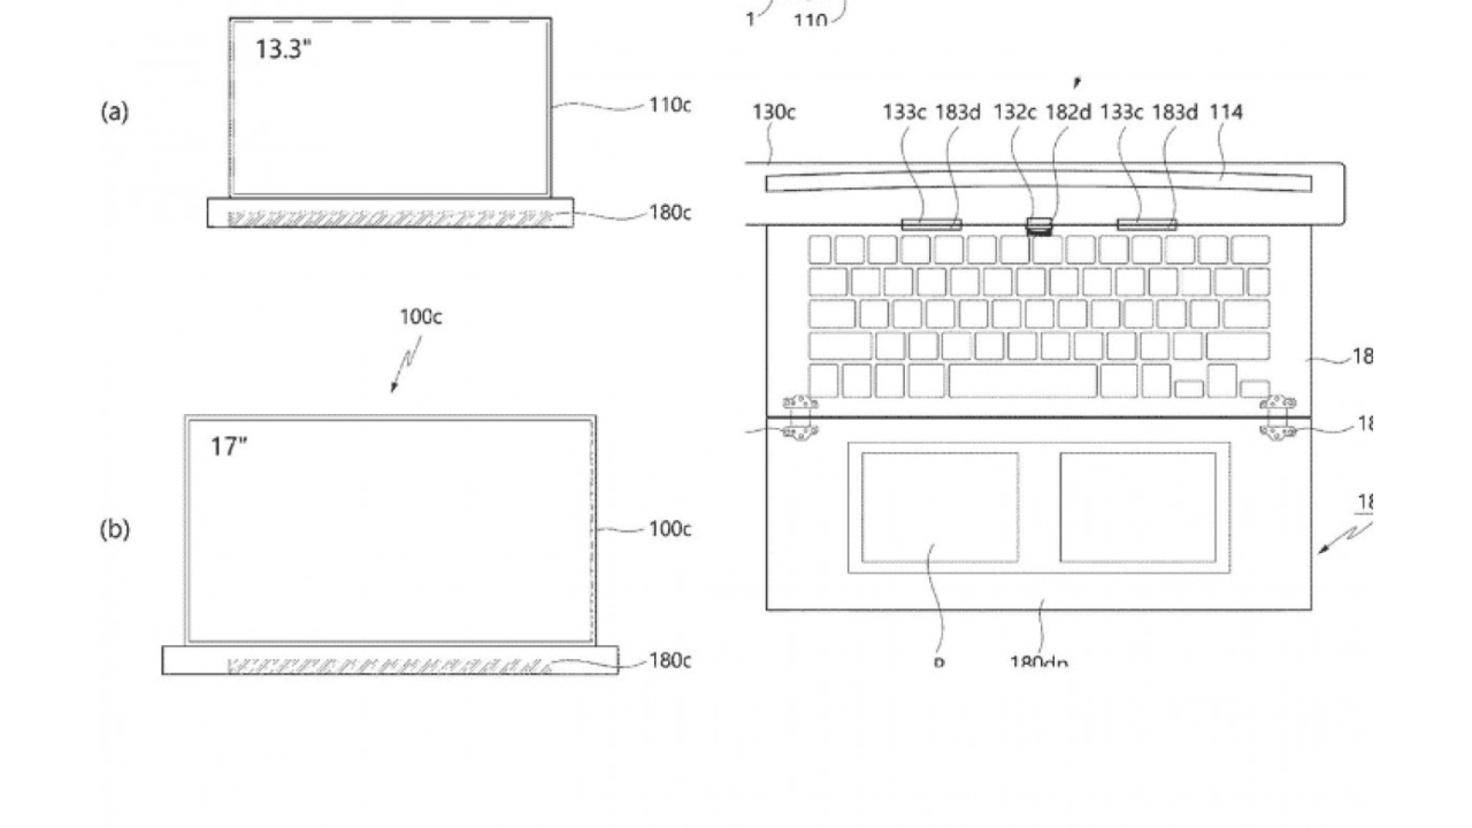 Écran d'ordinateur portable LG enroulable